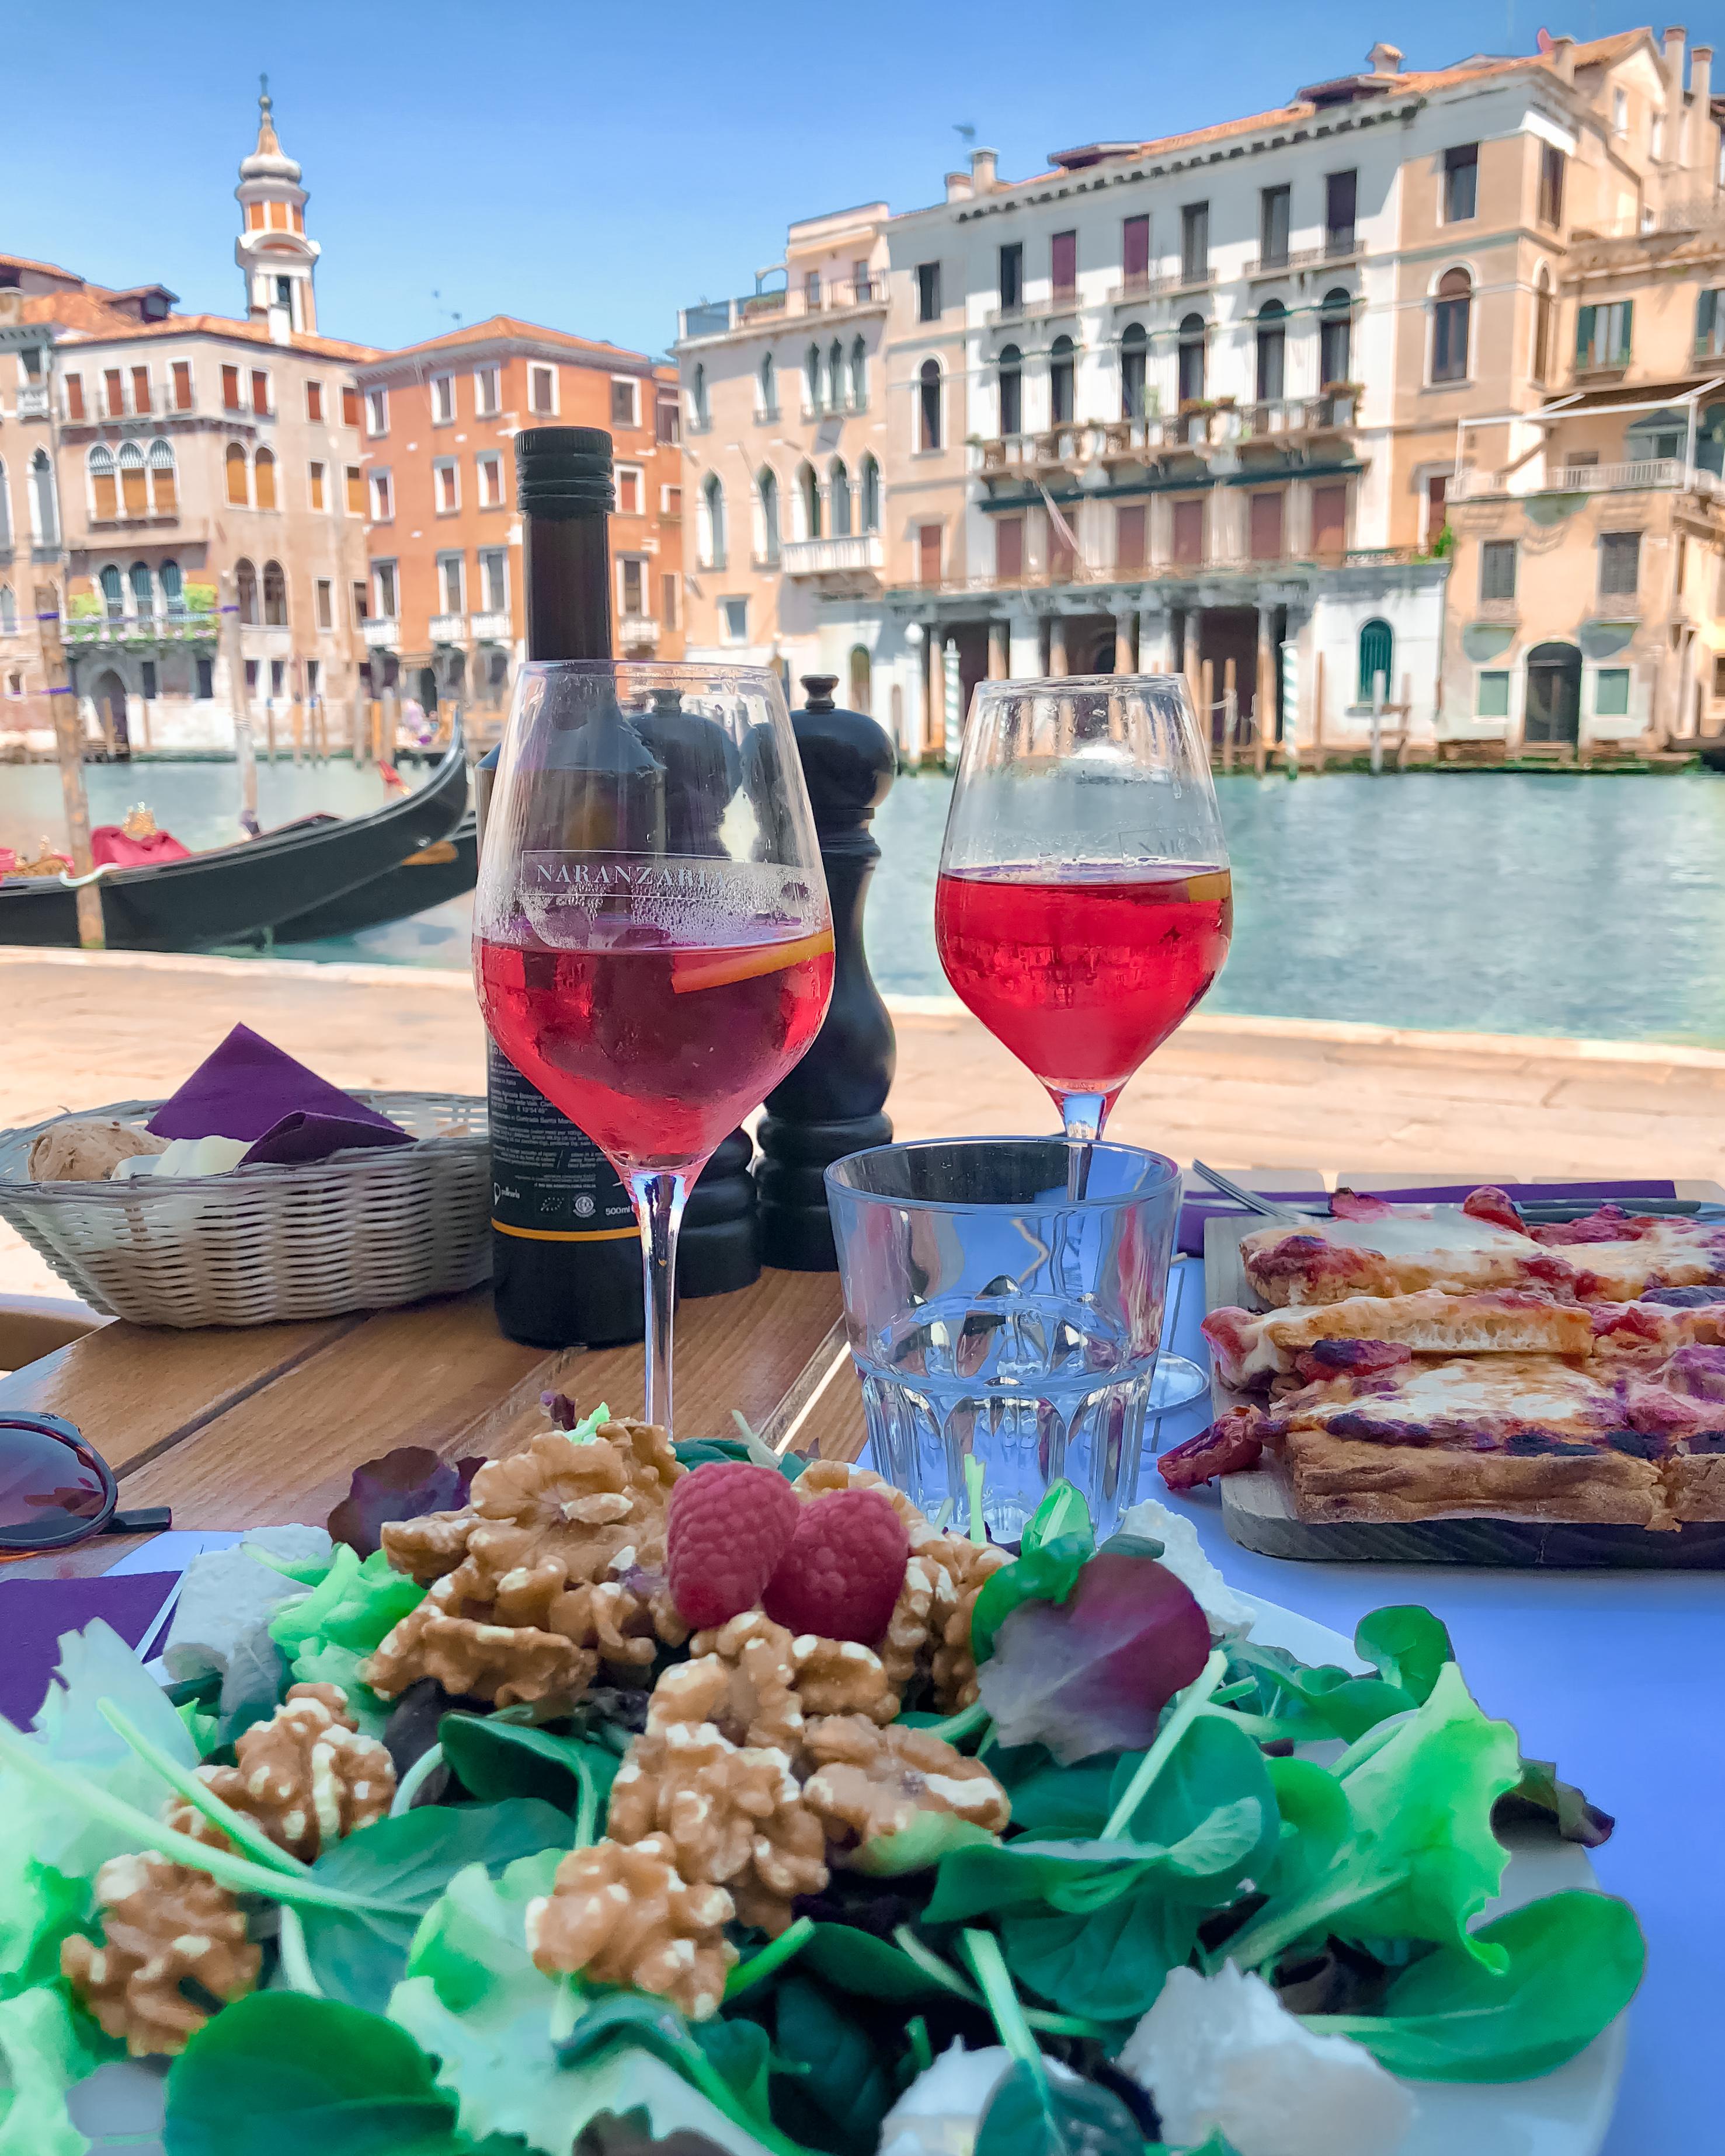 Attrapes-touristes, bain de foule quelques conseils pour ton séjour à Venise.